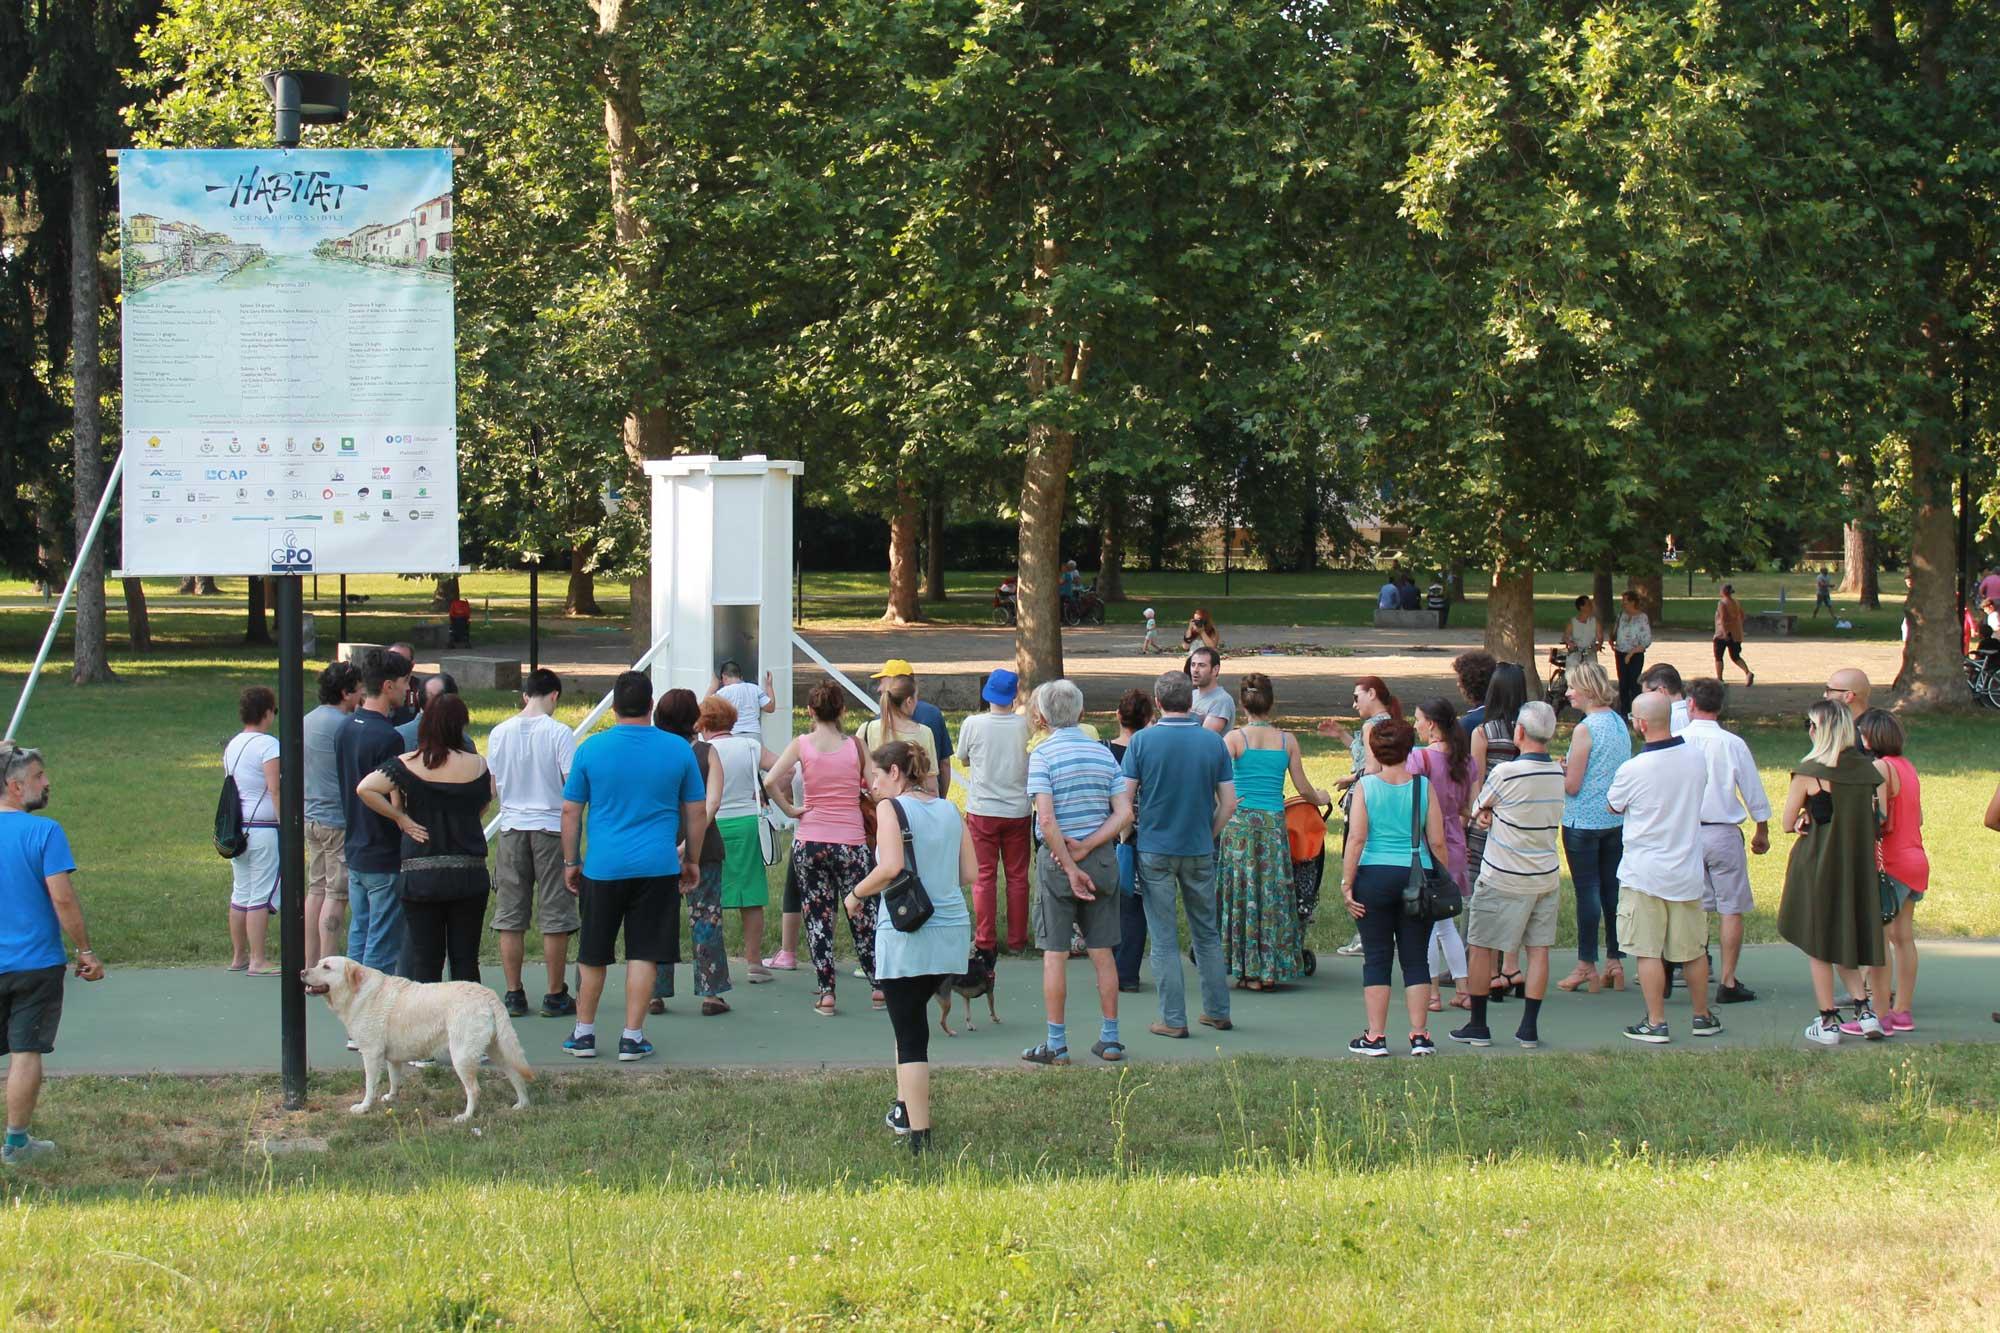 persone raggruppate su giardino pubblico